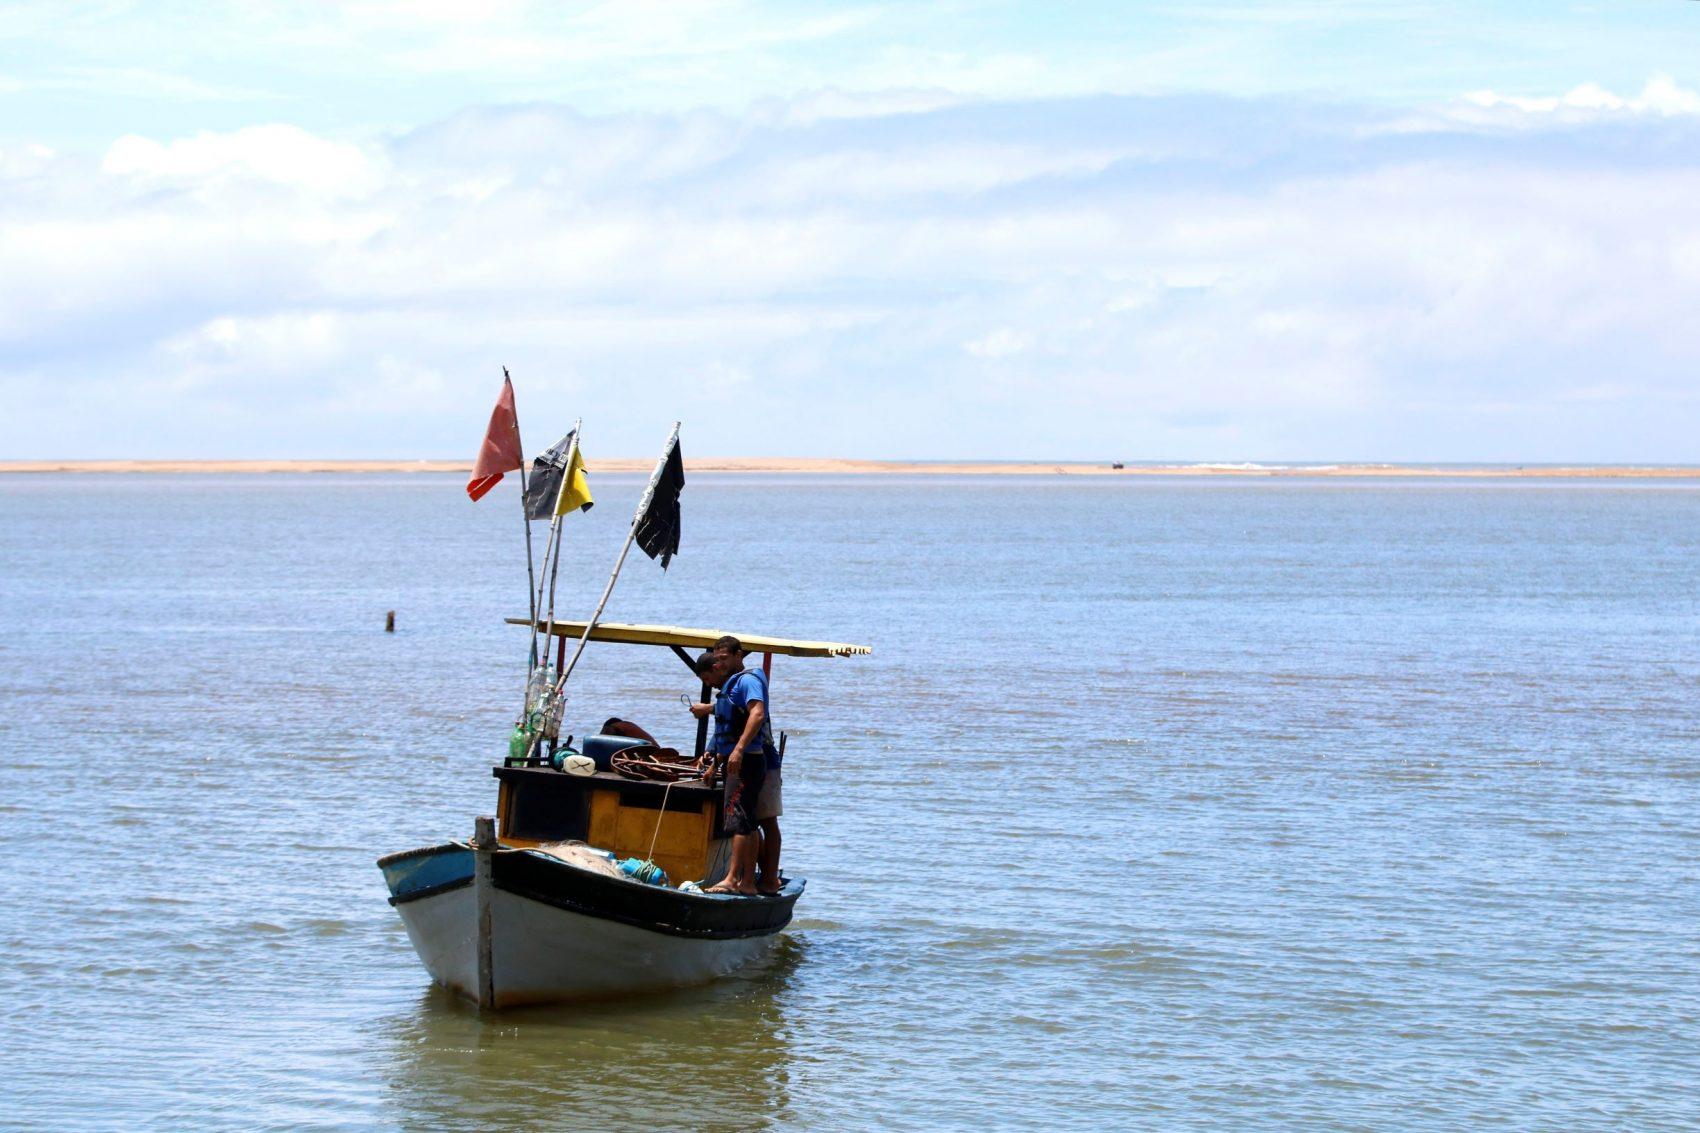 Barco de pesca na foz do Rio Doce: análise de micro-organismos indica que pescado também pode estar contaminado por metais pesados (Tânia Rego/Agência Brasil)